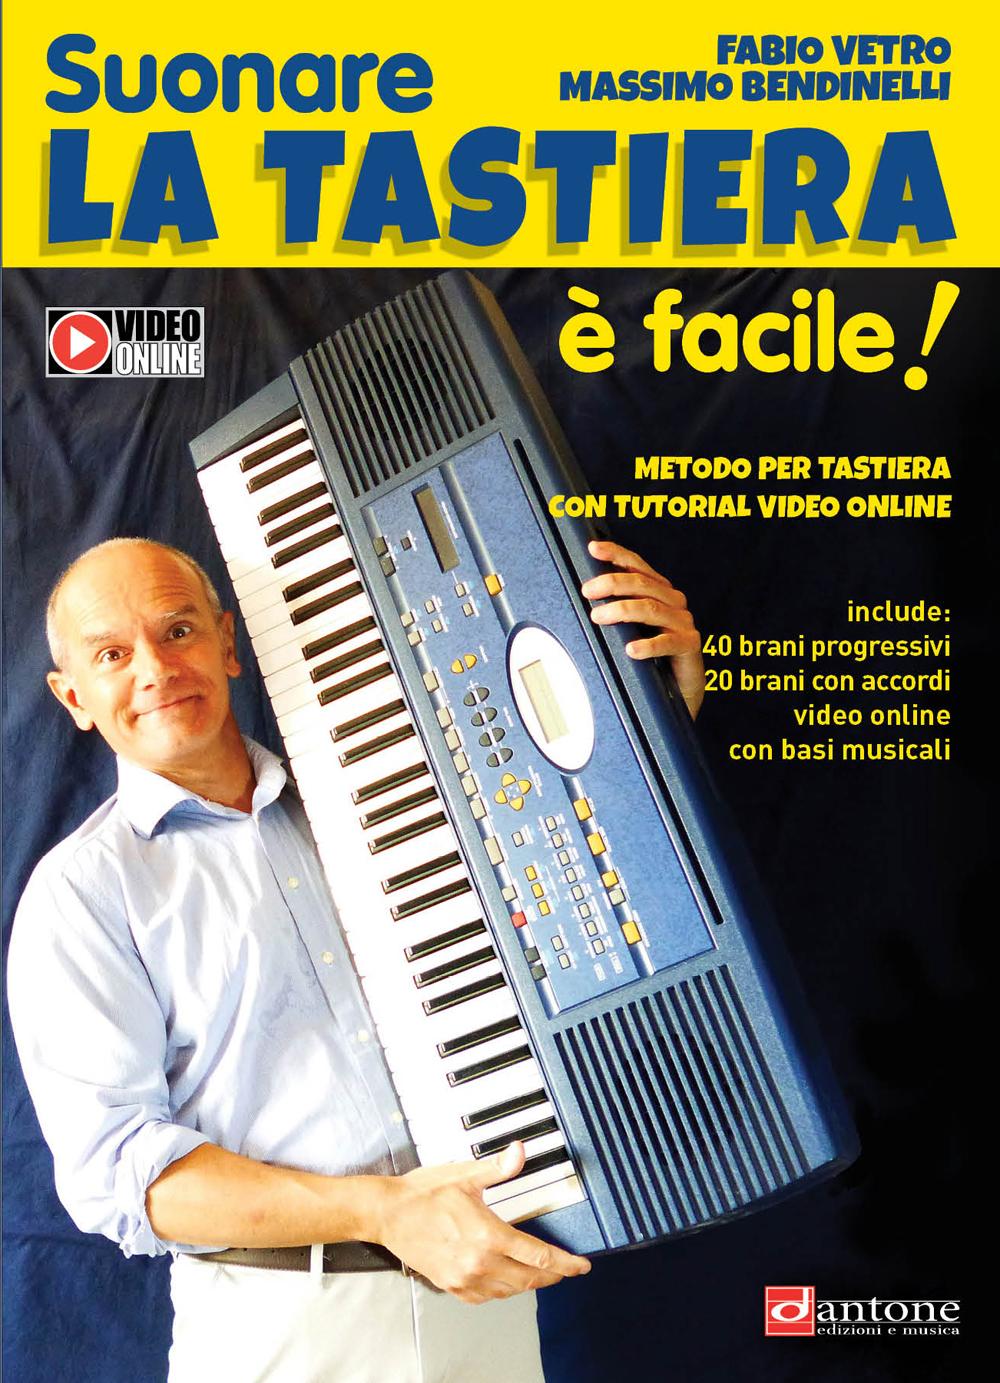 Fabio Vetro Massimo Bendinelli: Suonare la tastiera è facile: Piano: